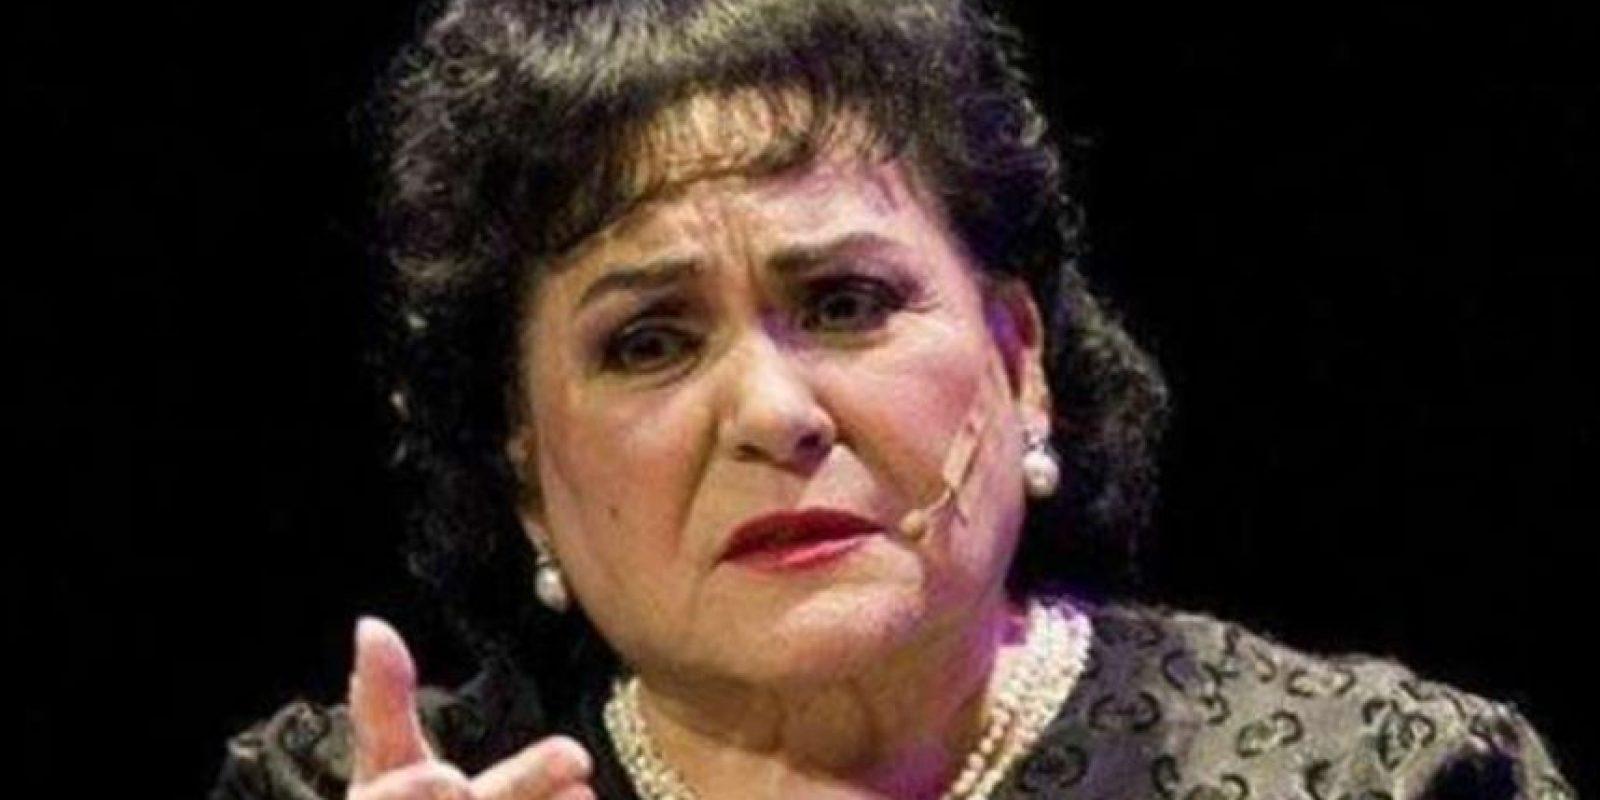 Carmen Salinas también es toda una generadora de memes. La actriz mexicana, ahora candidata a diputada, ya había hecho historia con uno en la web hace dos años. Foto:Generador de Memes